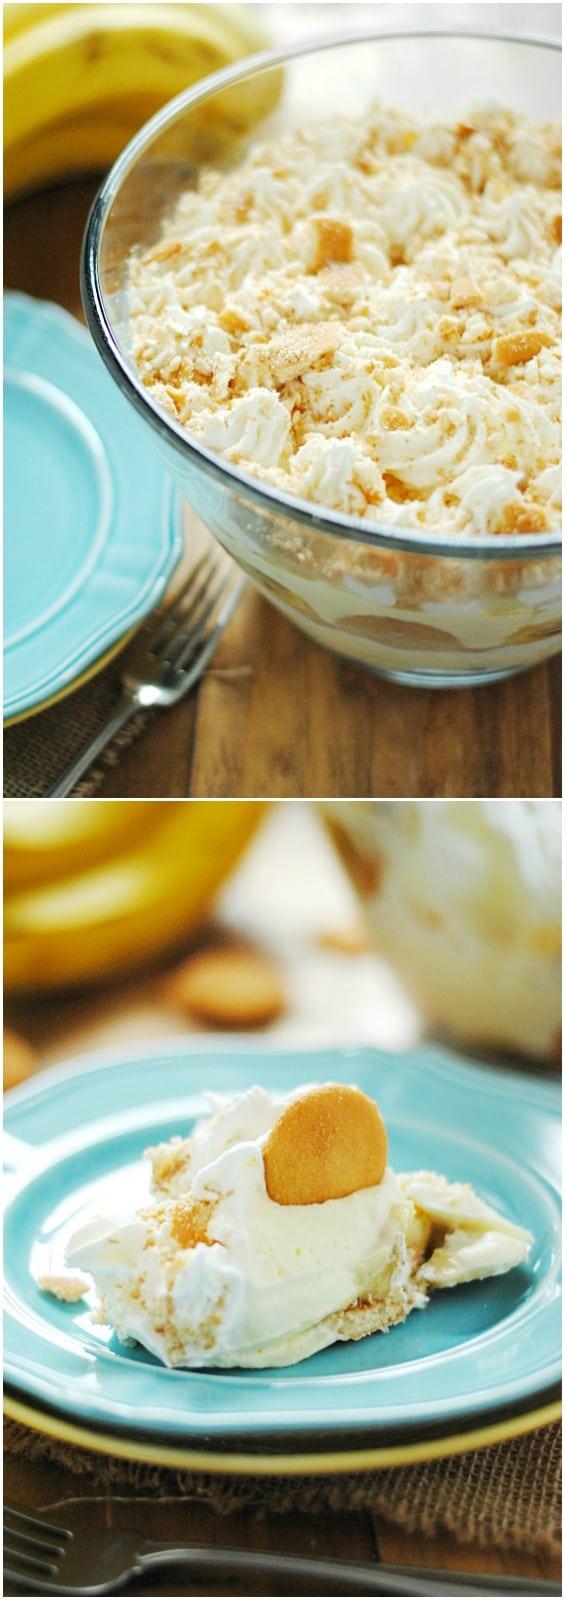 Family Recipe Banana Pudding